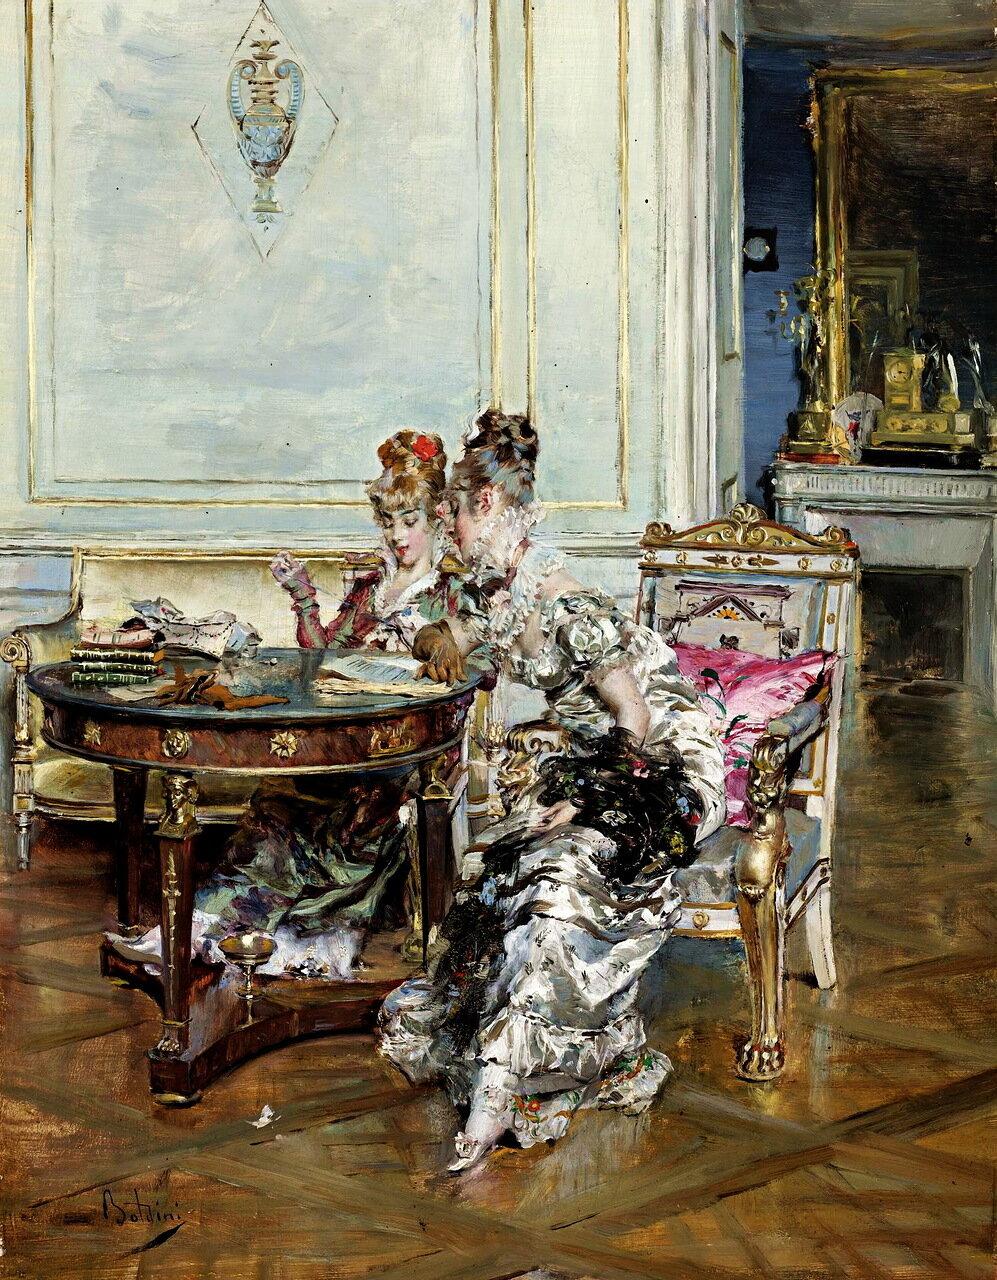 Giovanni Boldini (ITALIAN, 1842-1931) - CONFIDENCES